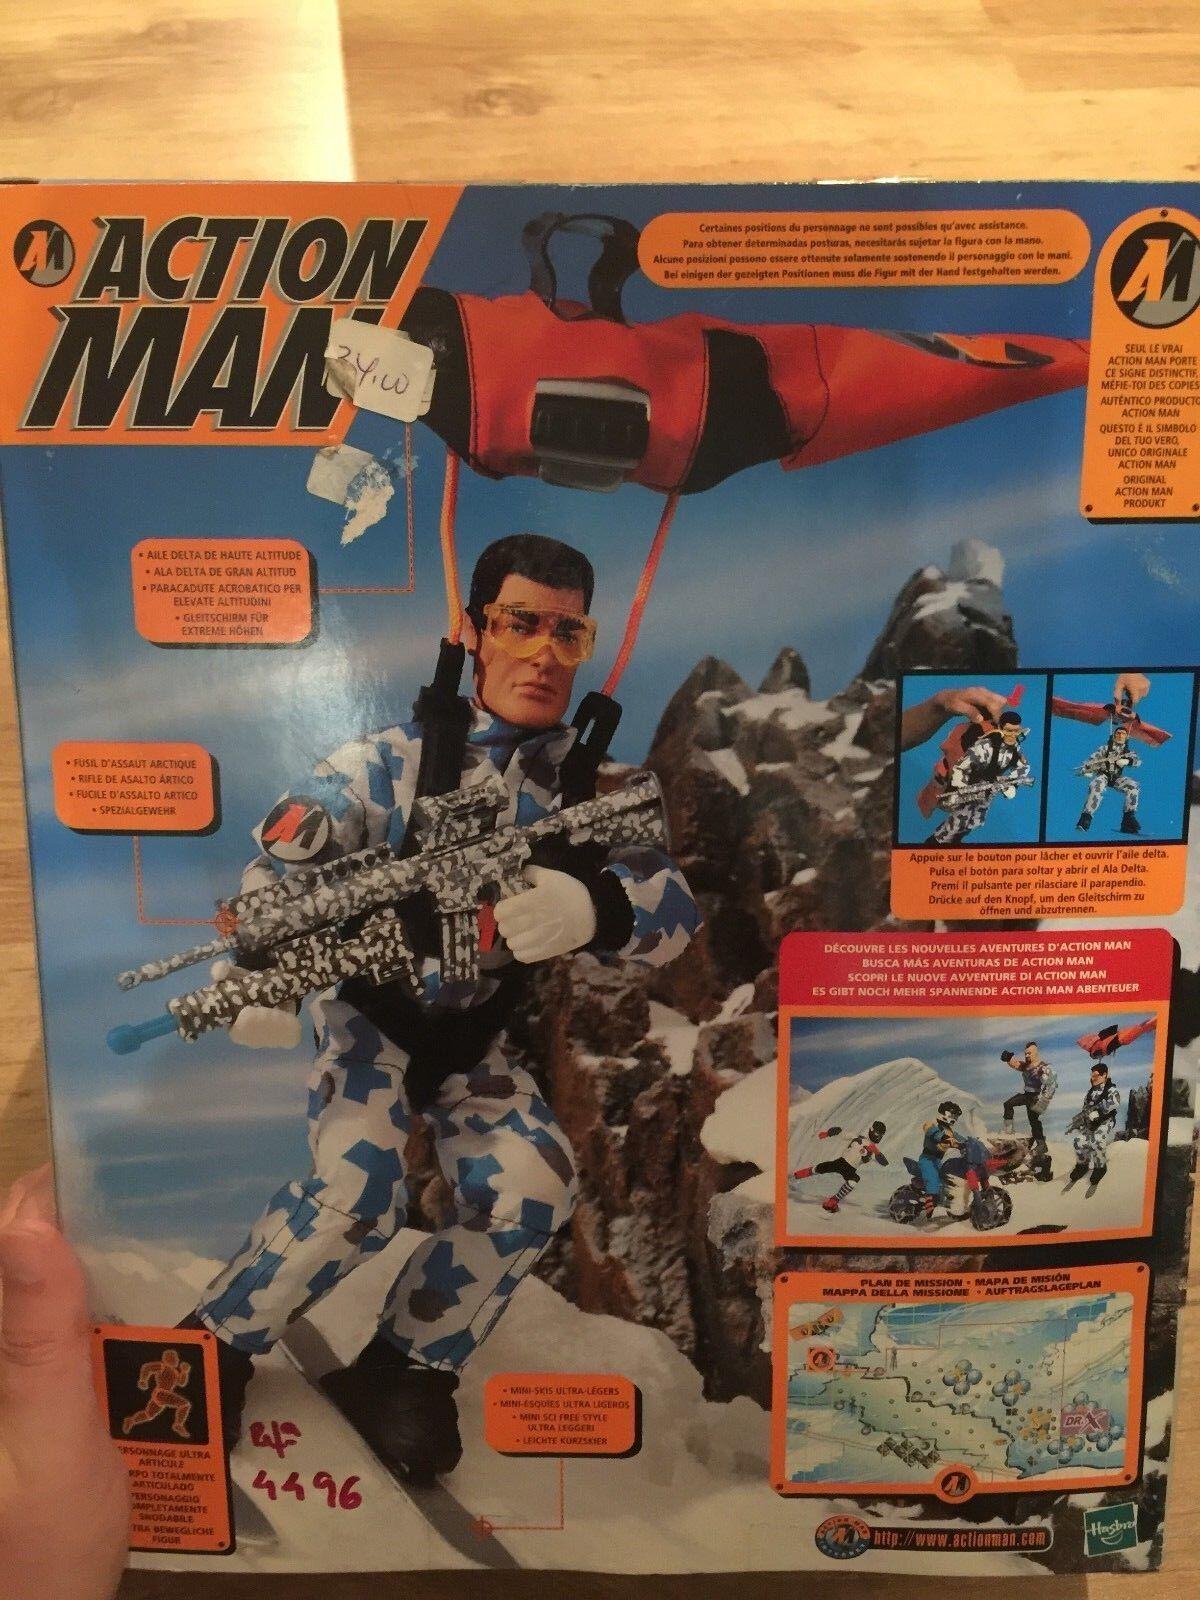 ACTION MAN - ARTIQUE POLAR - MISSION SKY SKY SKY 31e877